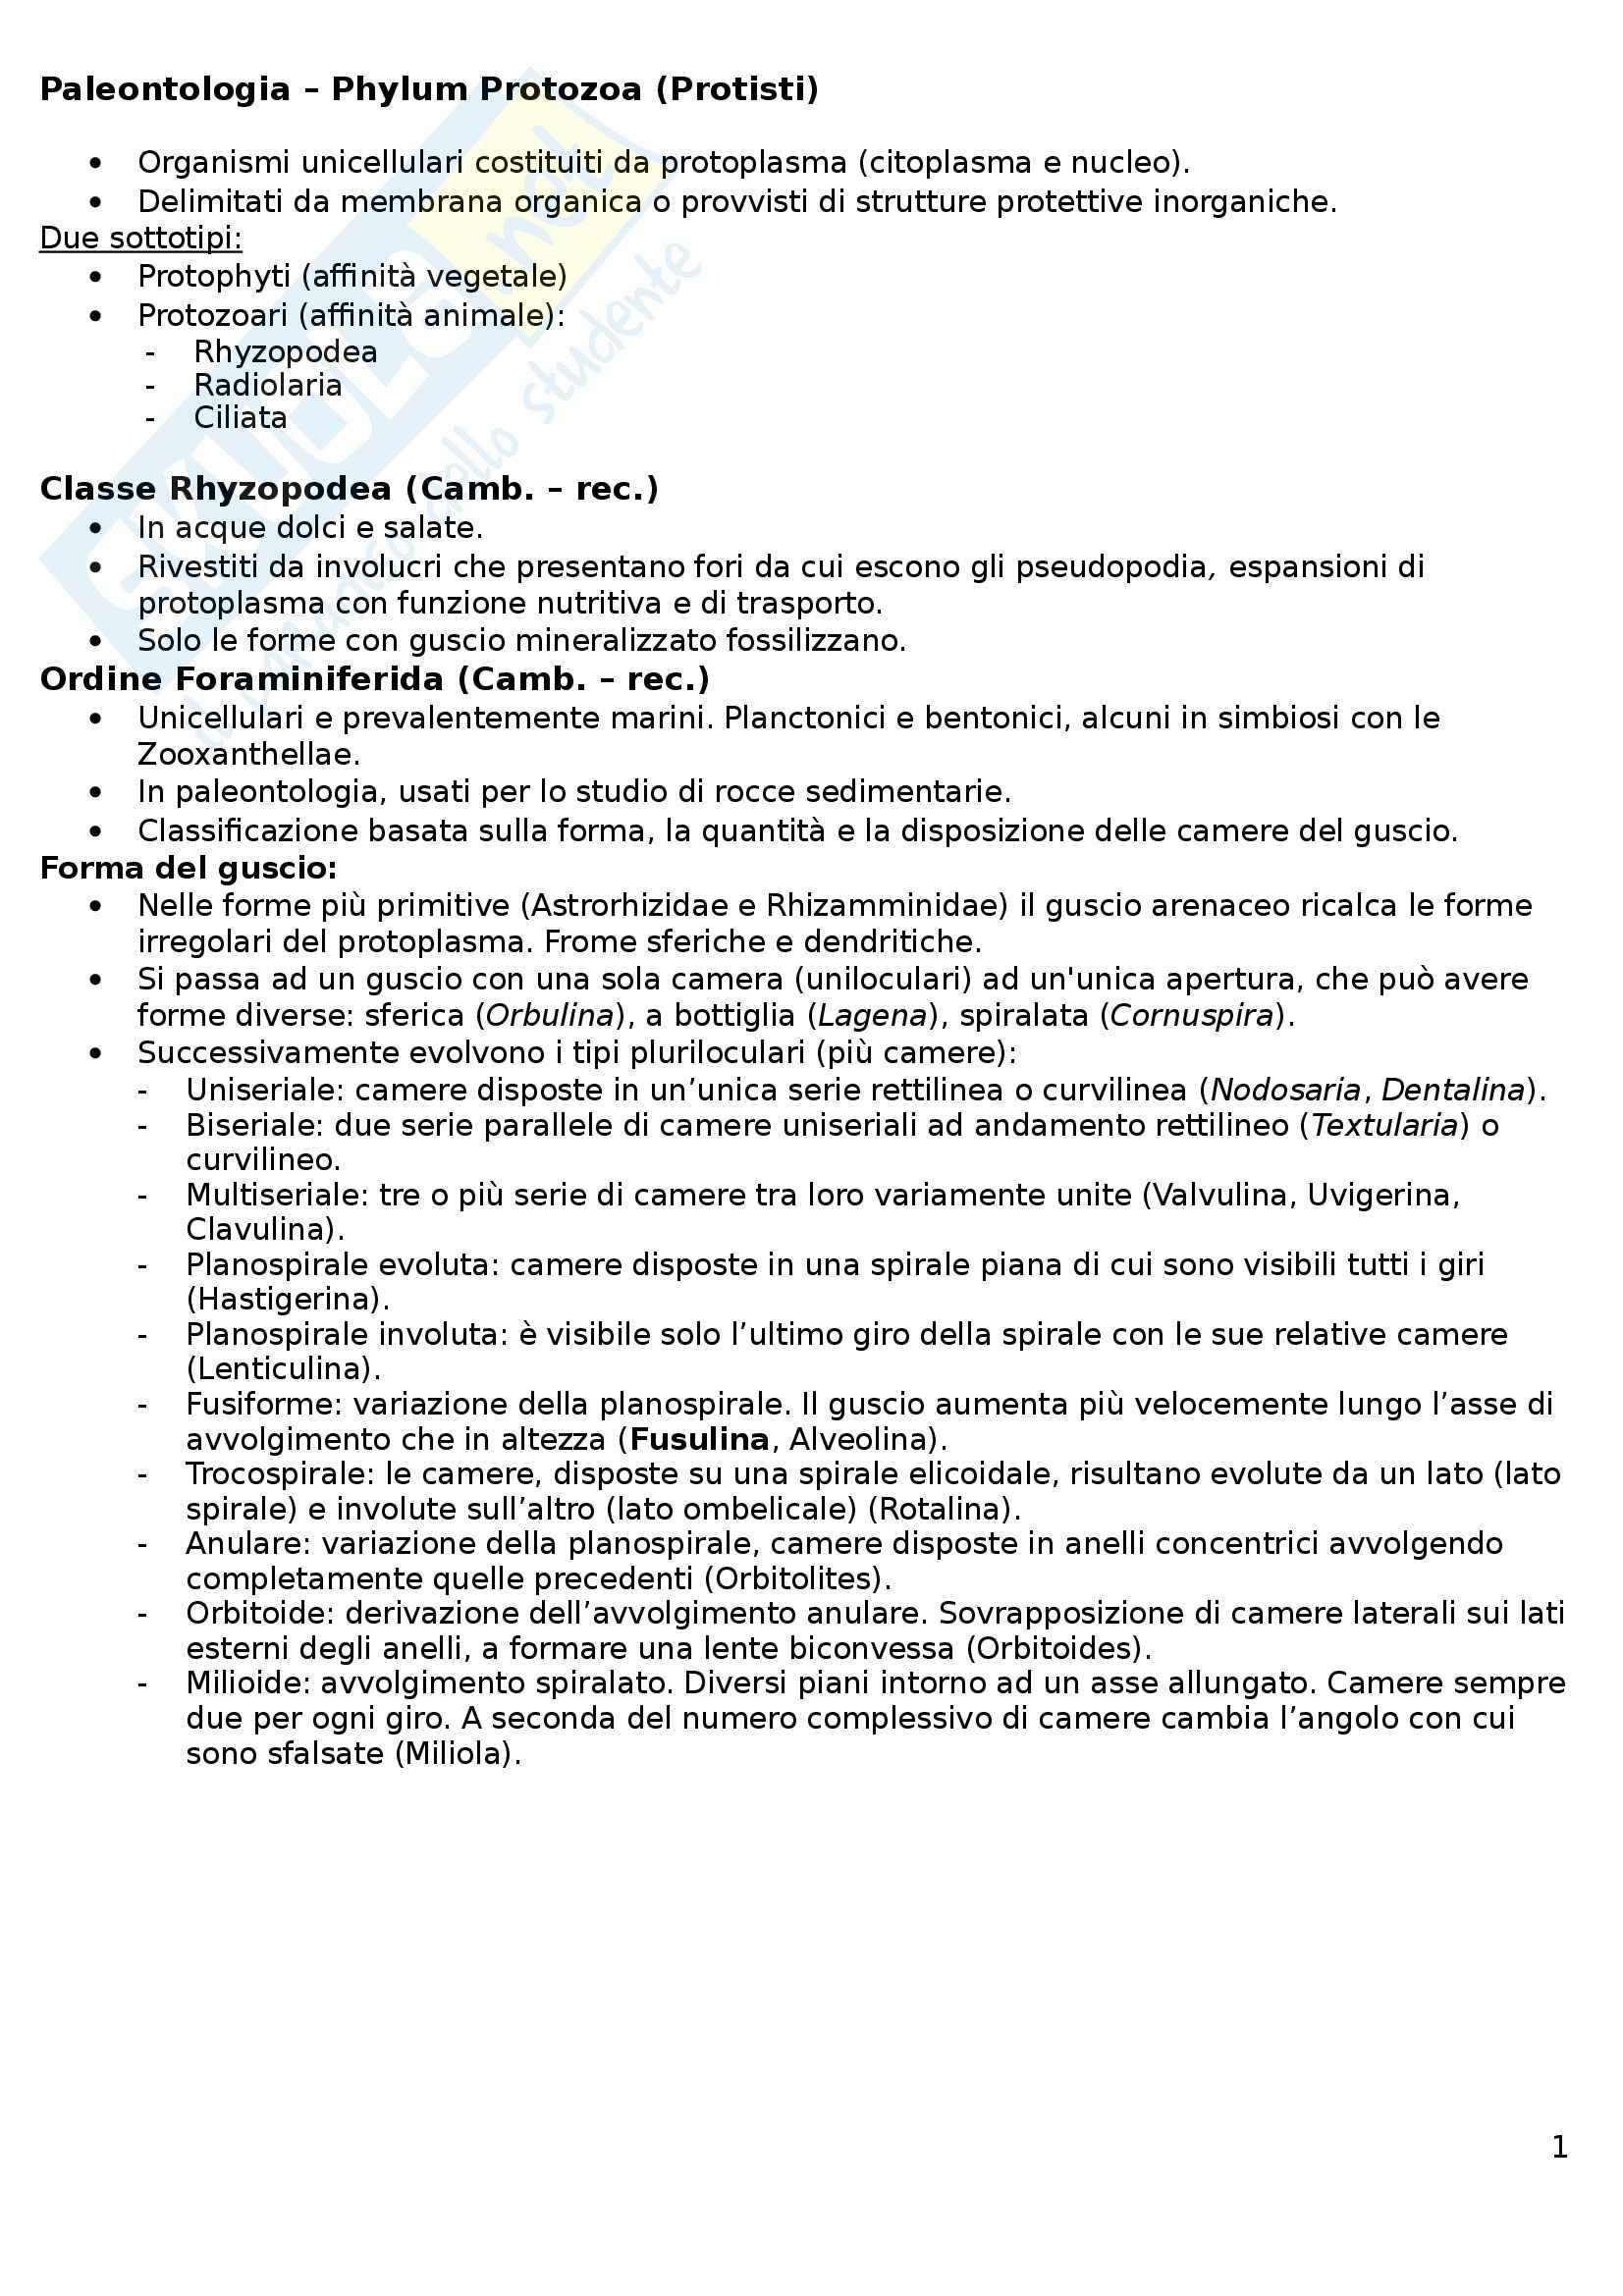 Riassunto esame Paleontologia, prof. Esu, libro consigliato Paleontologia generale e sistematica degli invertebrati, Allasinaz